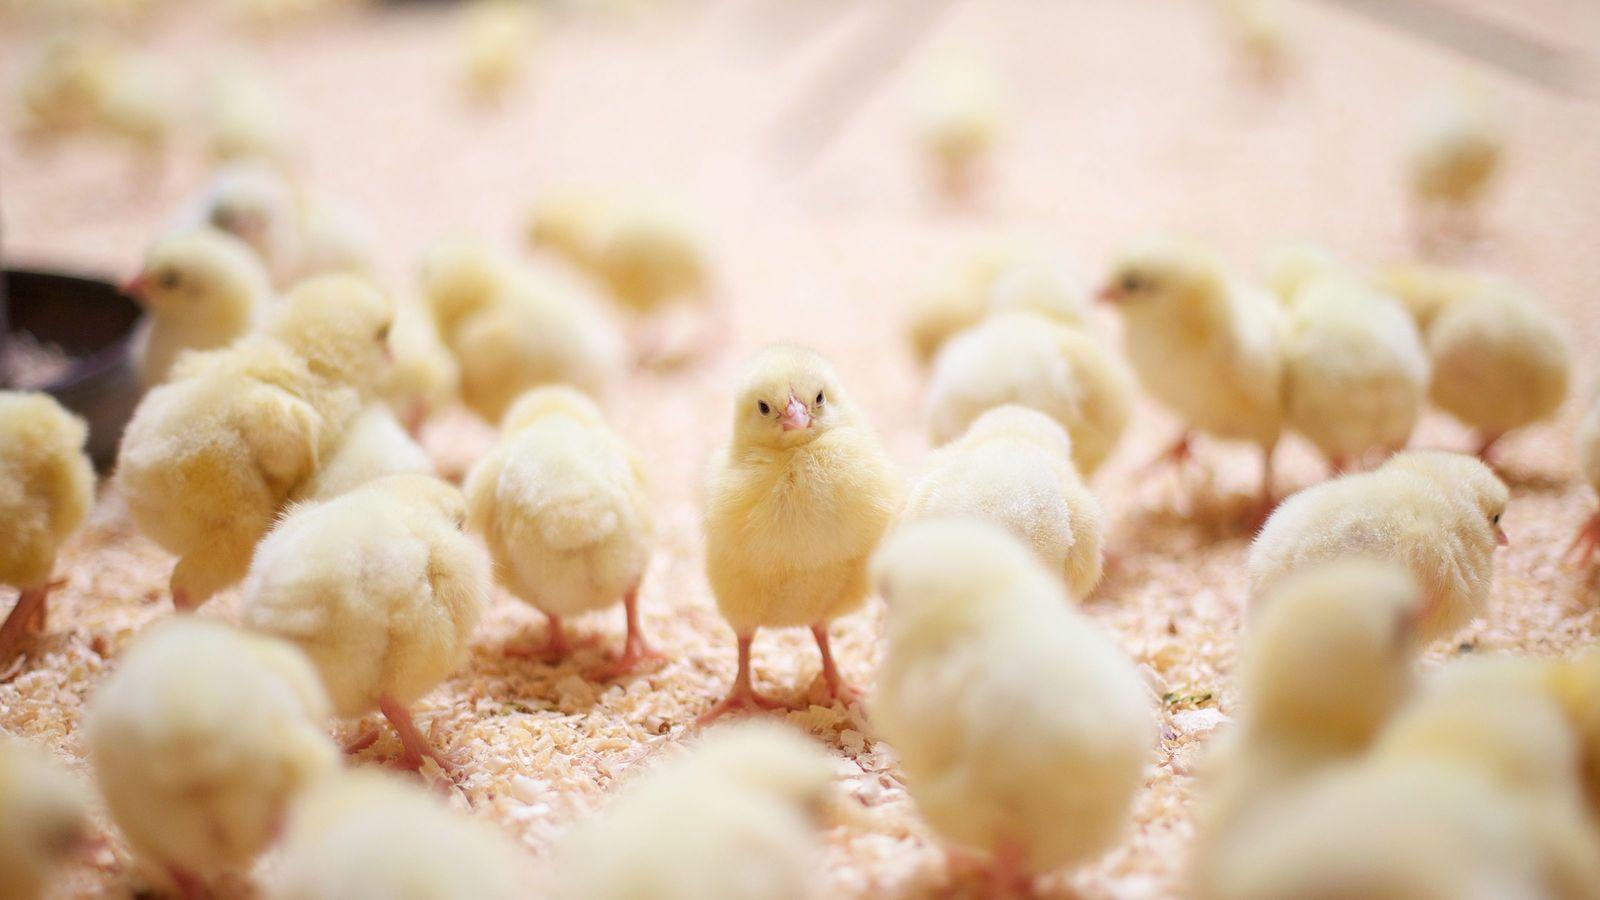 緊急事態!コロナでヒヨコが爆買いされている トイレ紙のように店から鶏が消えた